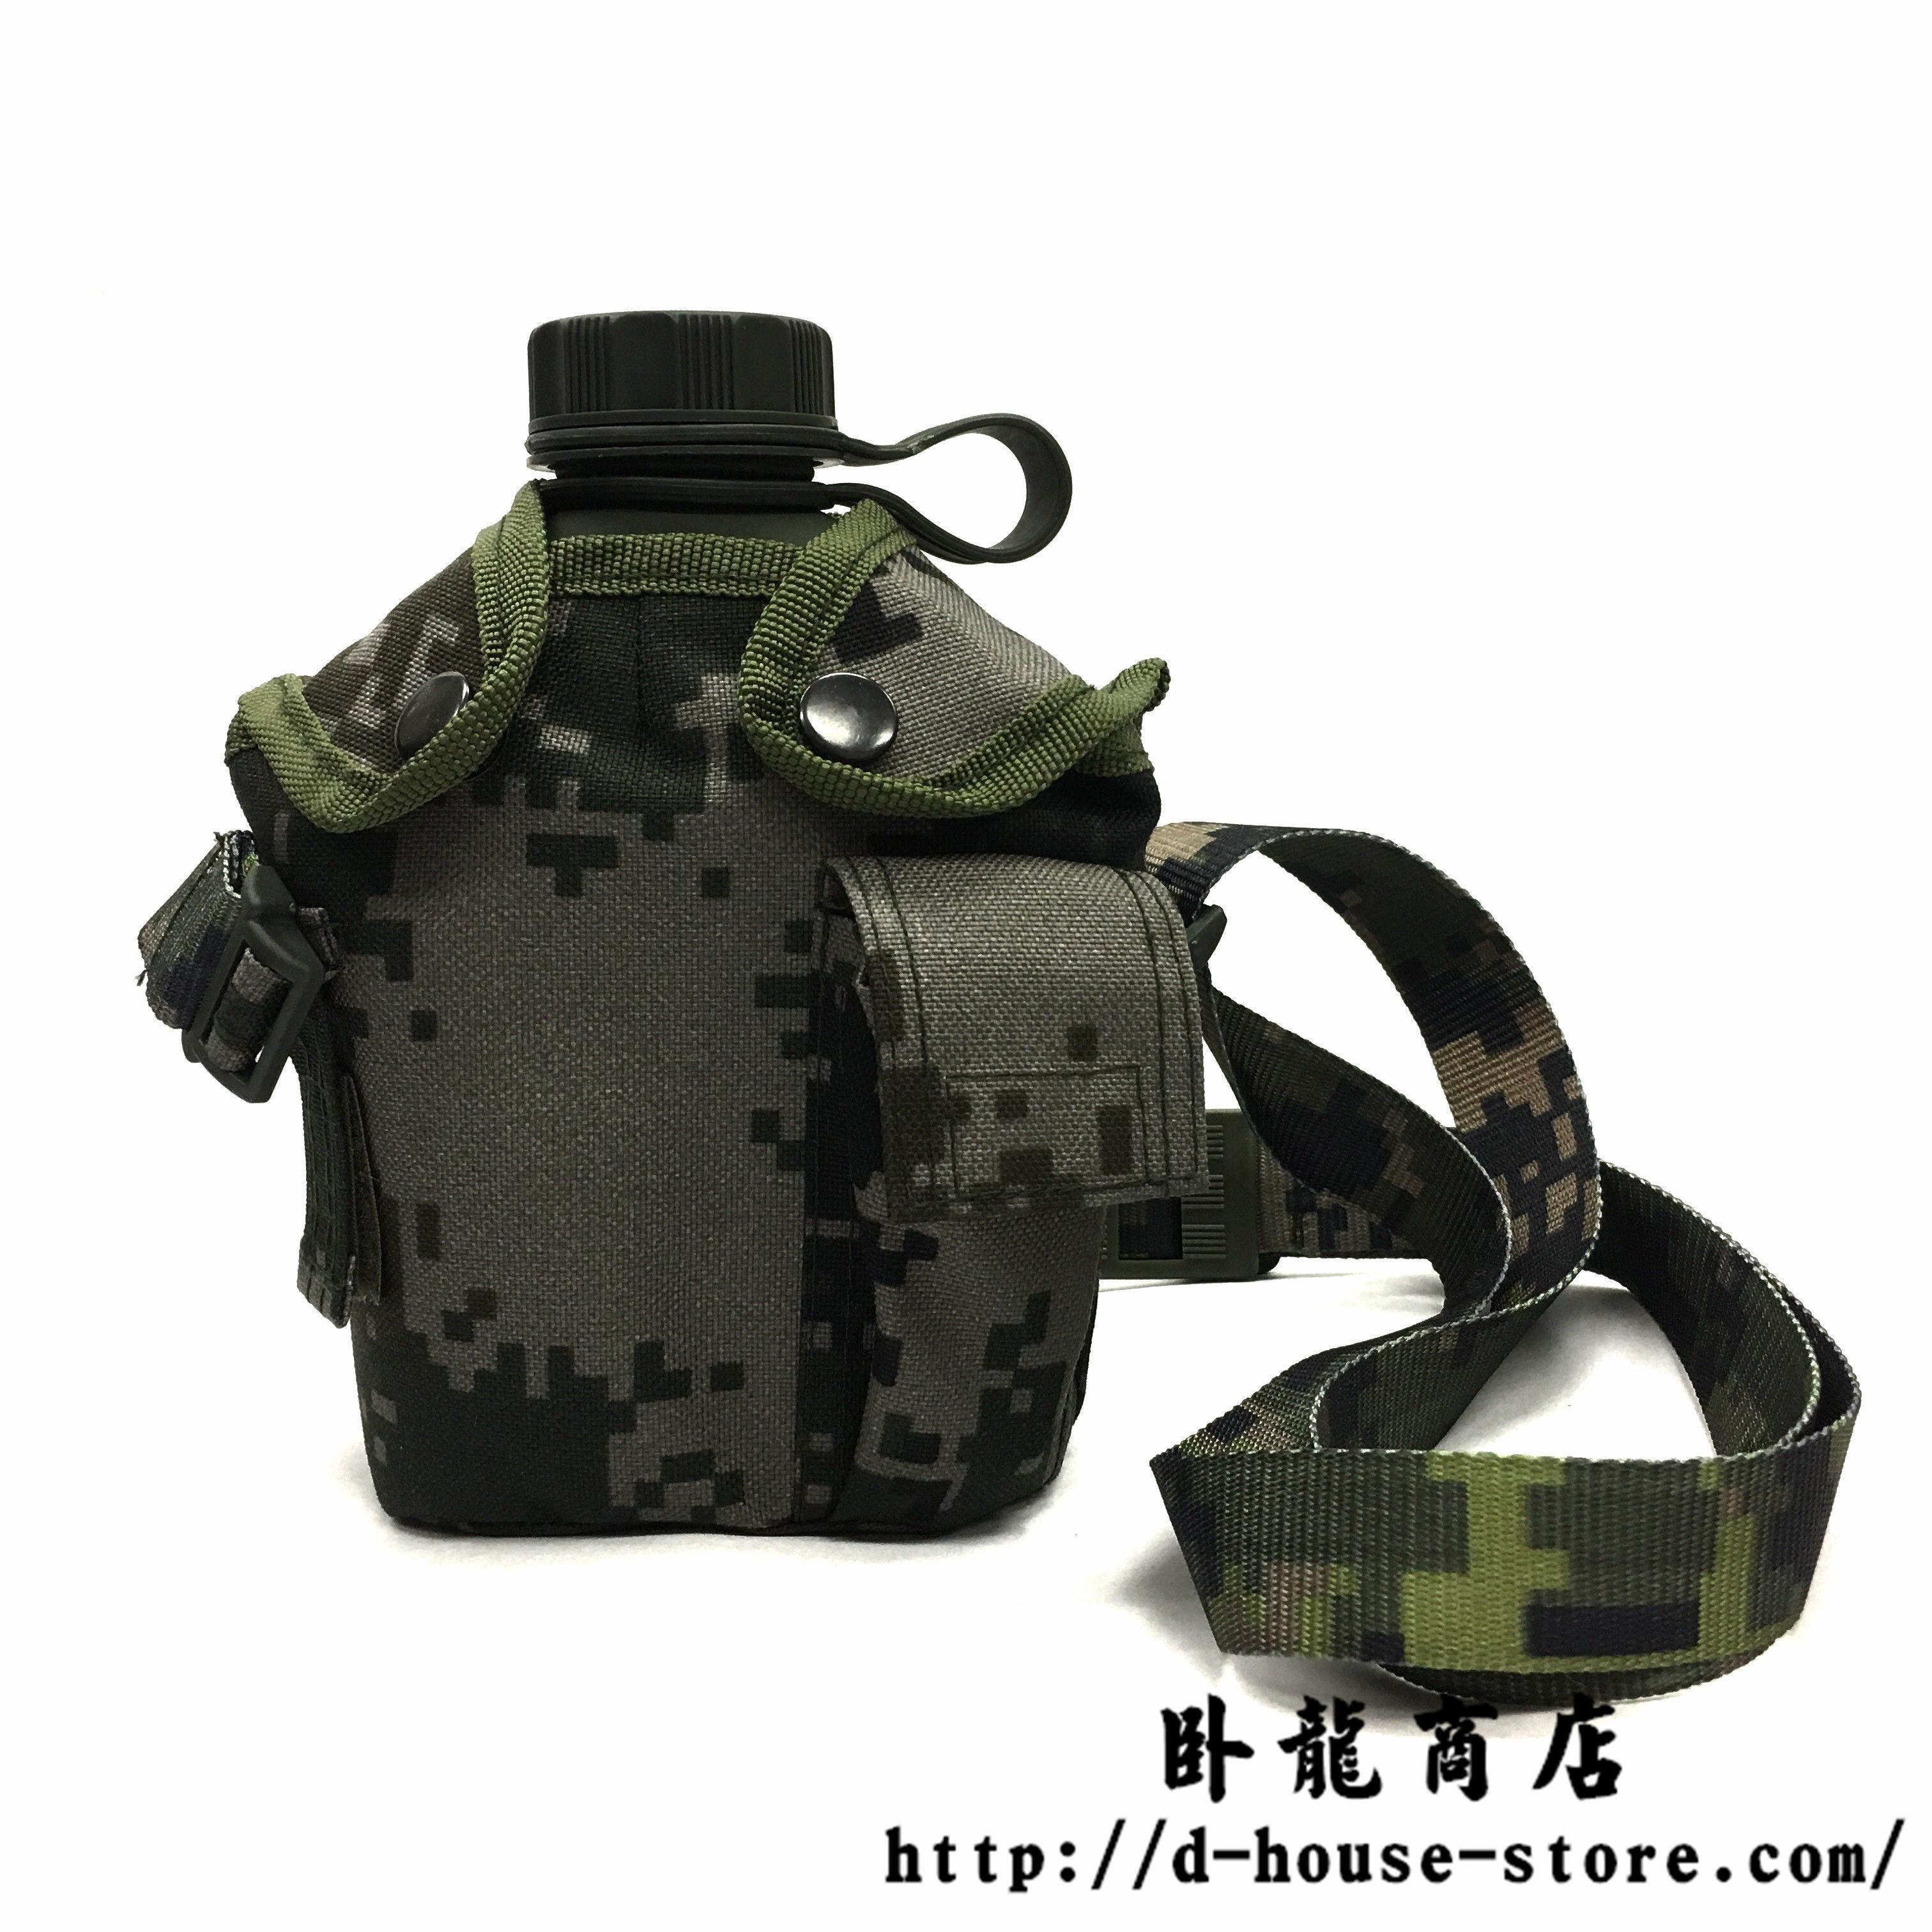 【正式名称不明】中国人民解放軍 武装警察 新式水筒セット 折りたたみスプーン 携行ポーチ付き